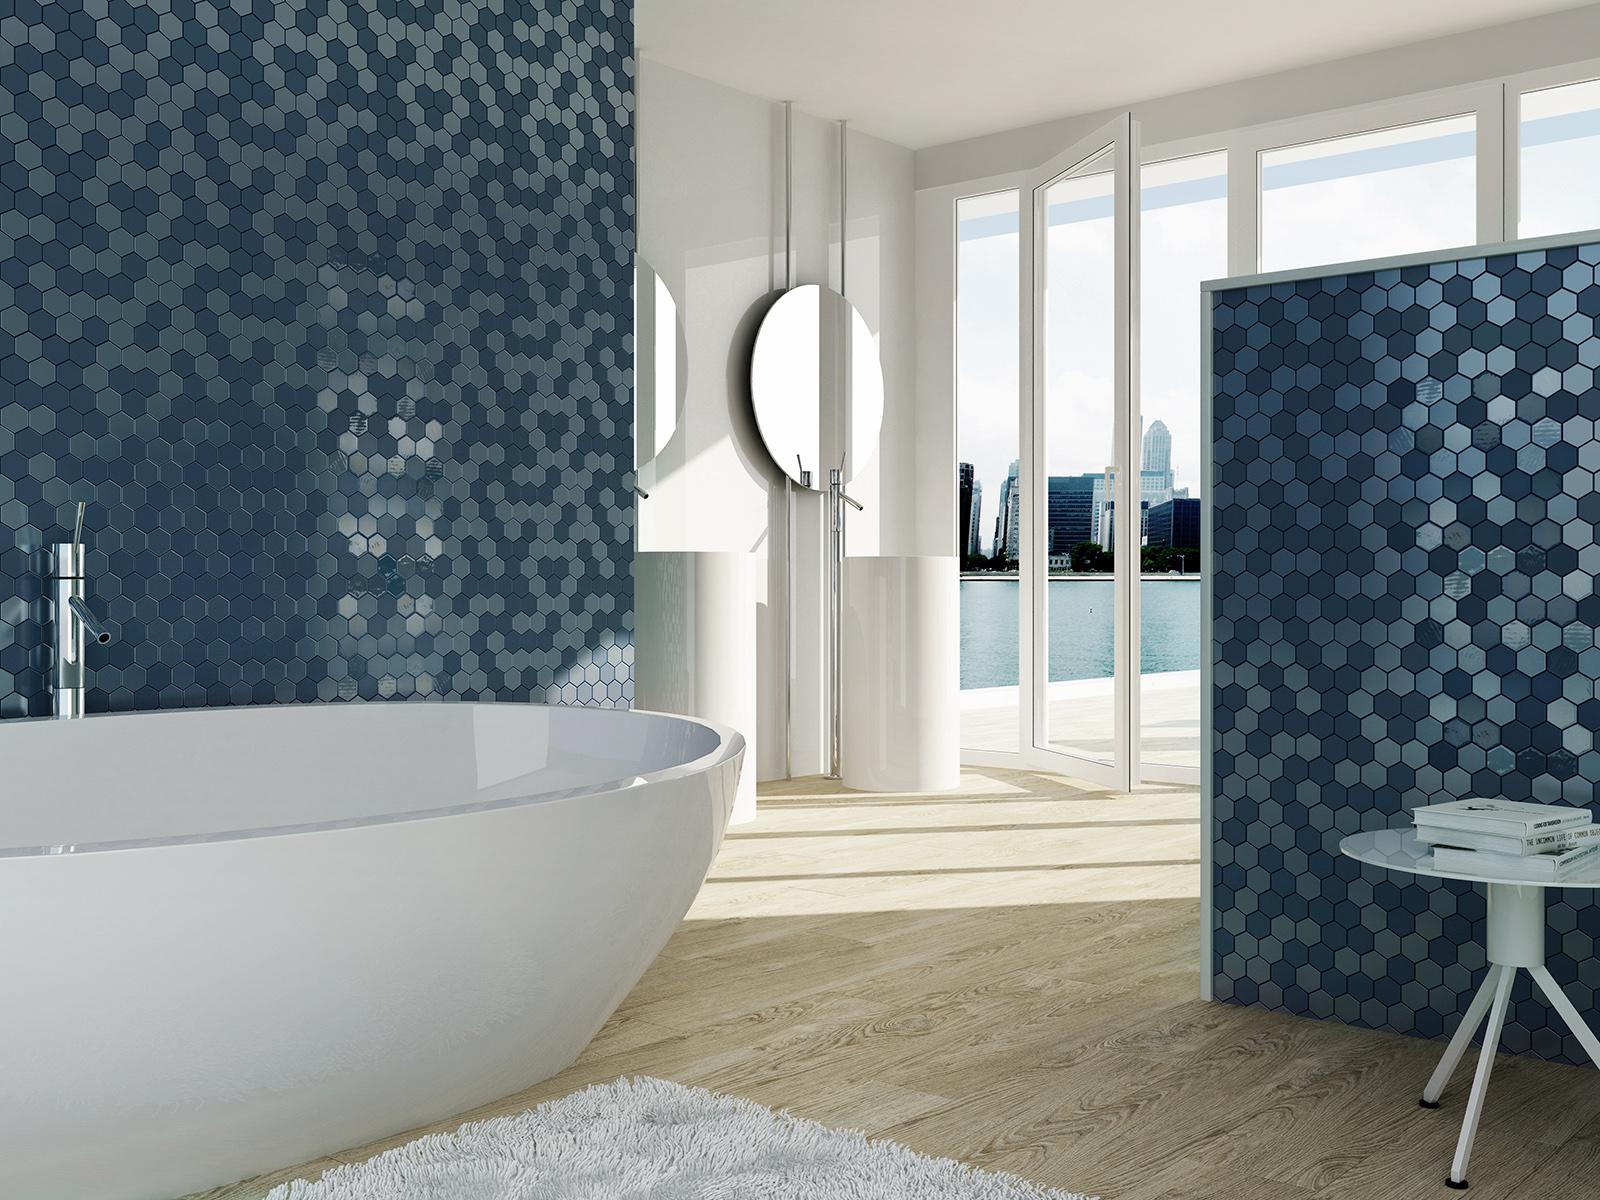 Mijn-bad-in-stijl-trends-2020-badkamer-2